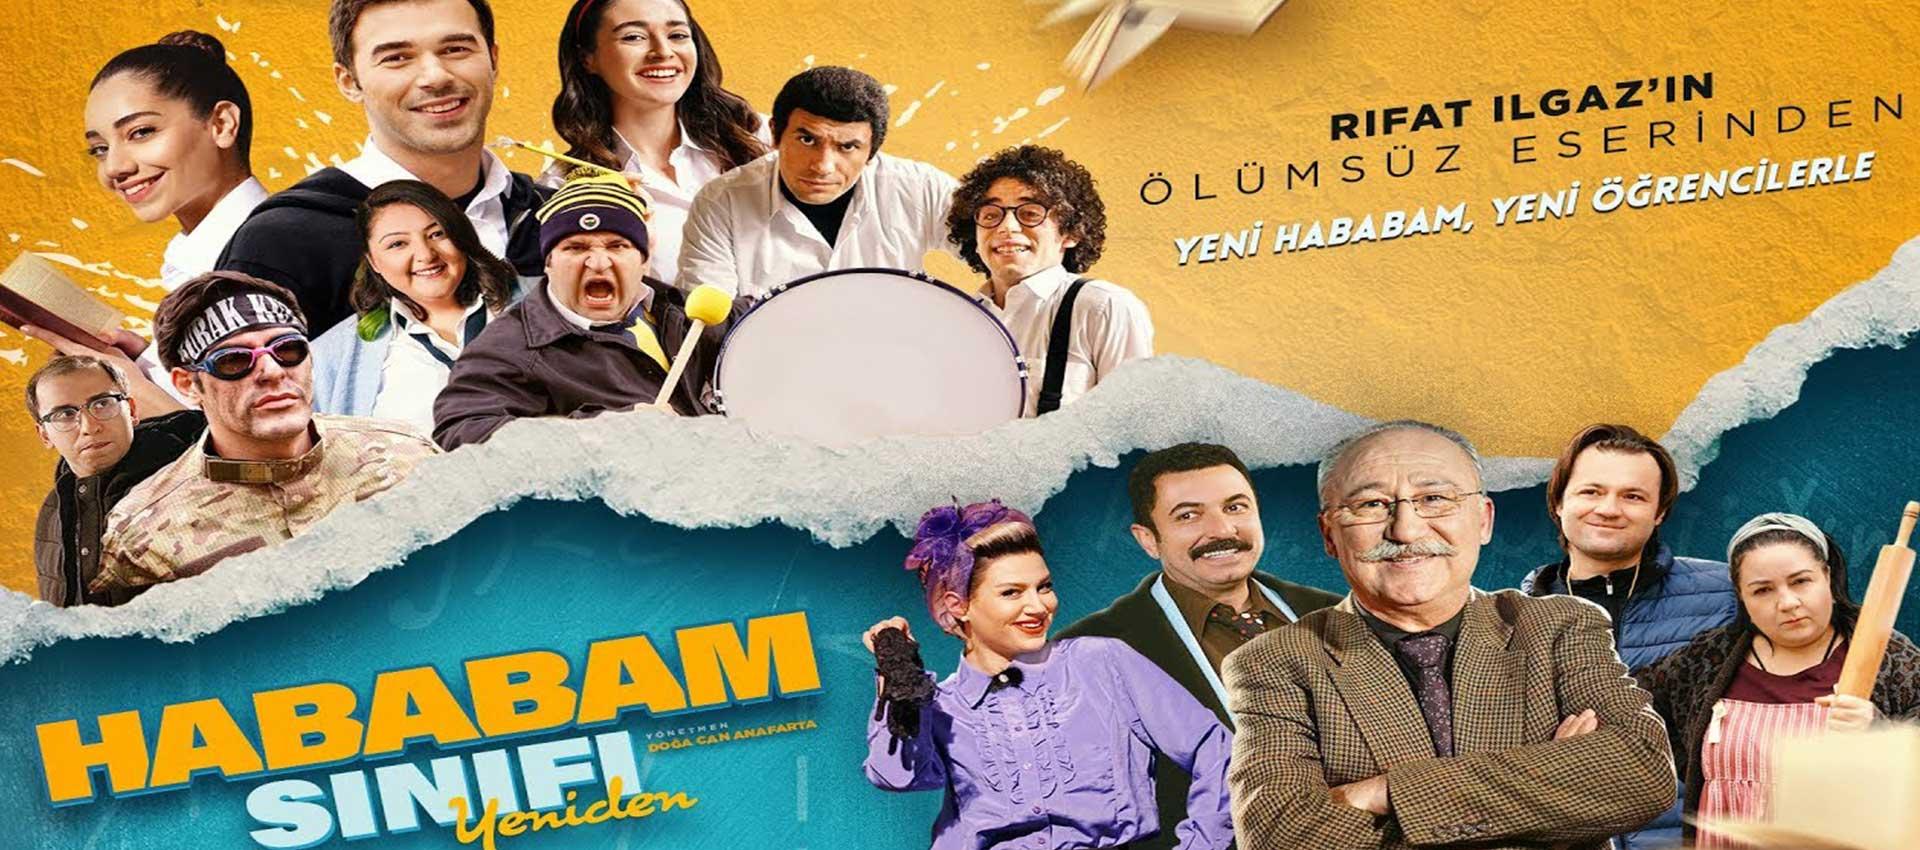 Hababam Sınıfı Yeniden İzle türkçe izle hd izle